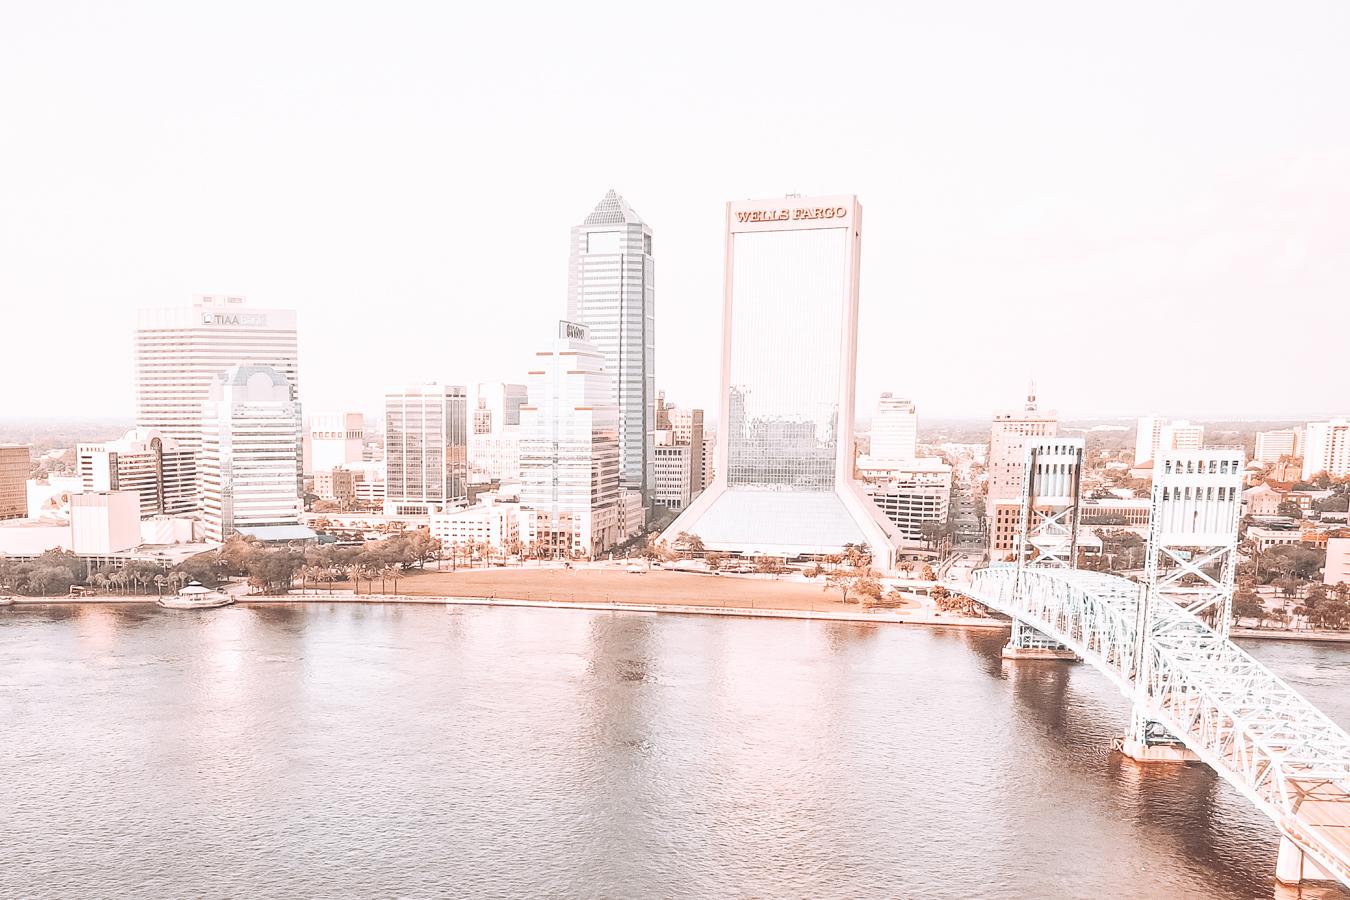 Buildings in Jacksonville